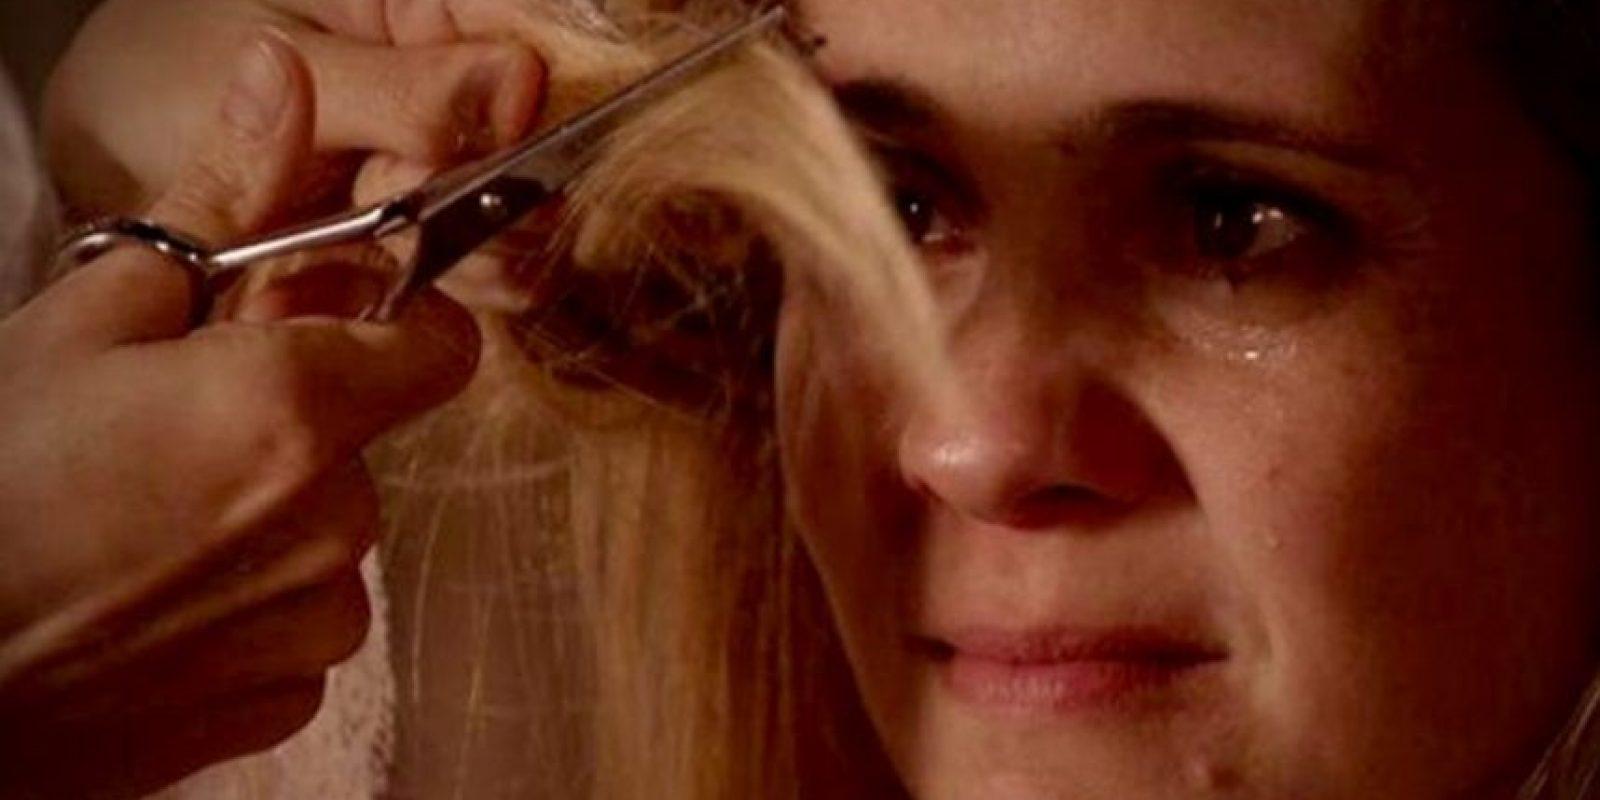 Las escenas que rodó con Adriana Falabella fueron célebres por su crudeza. Foto:Rede Globo